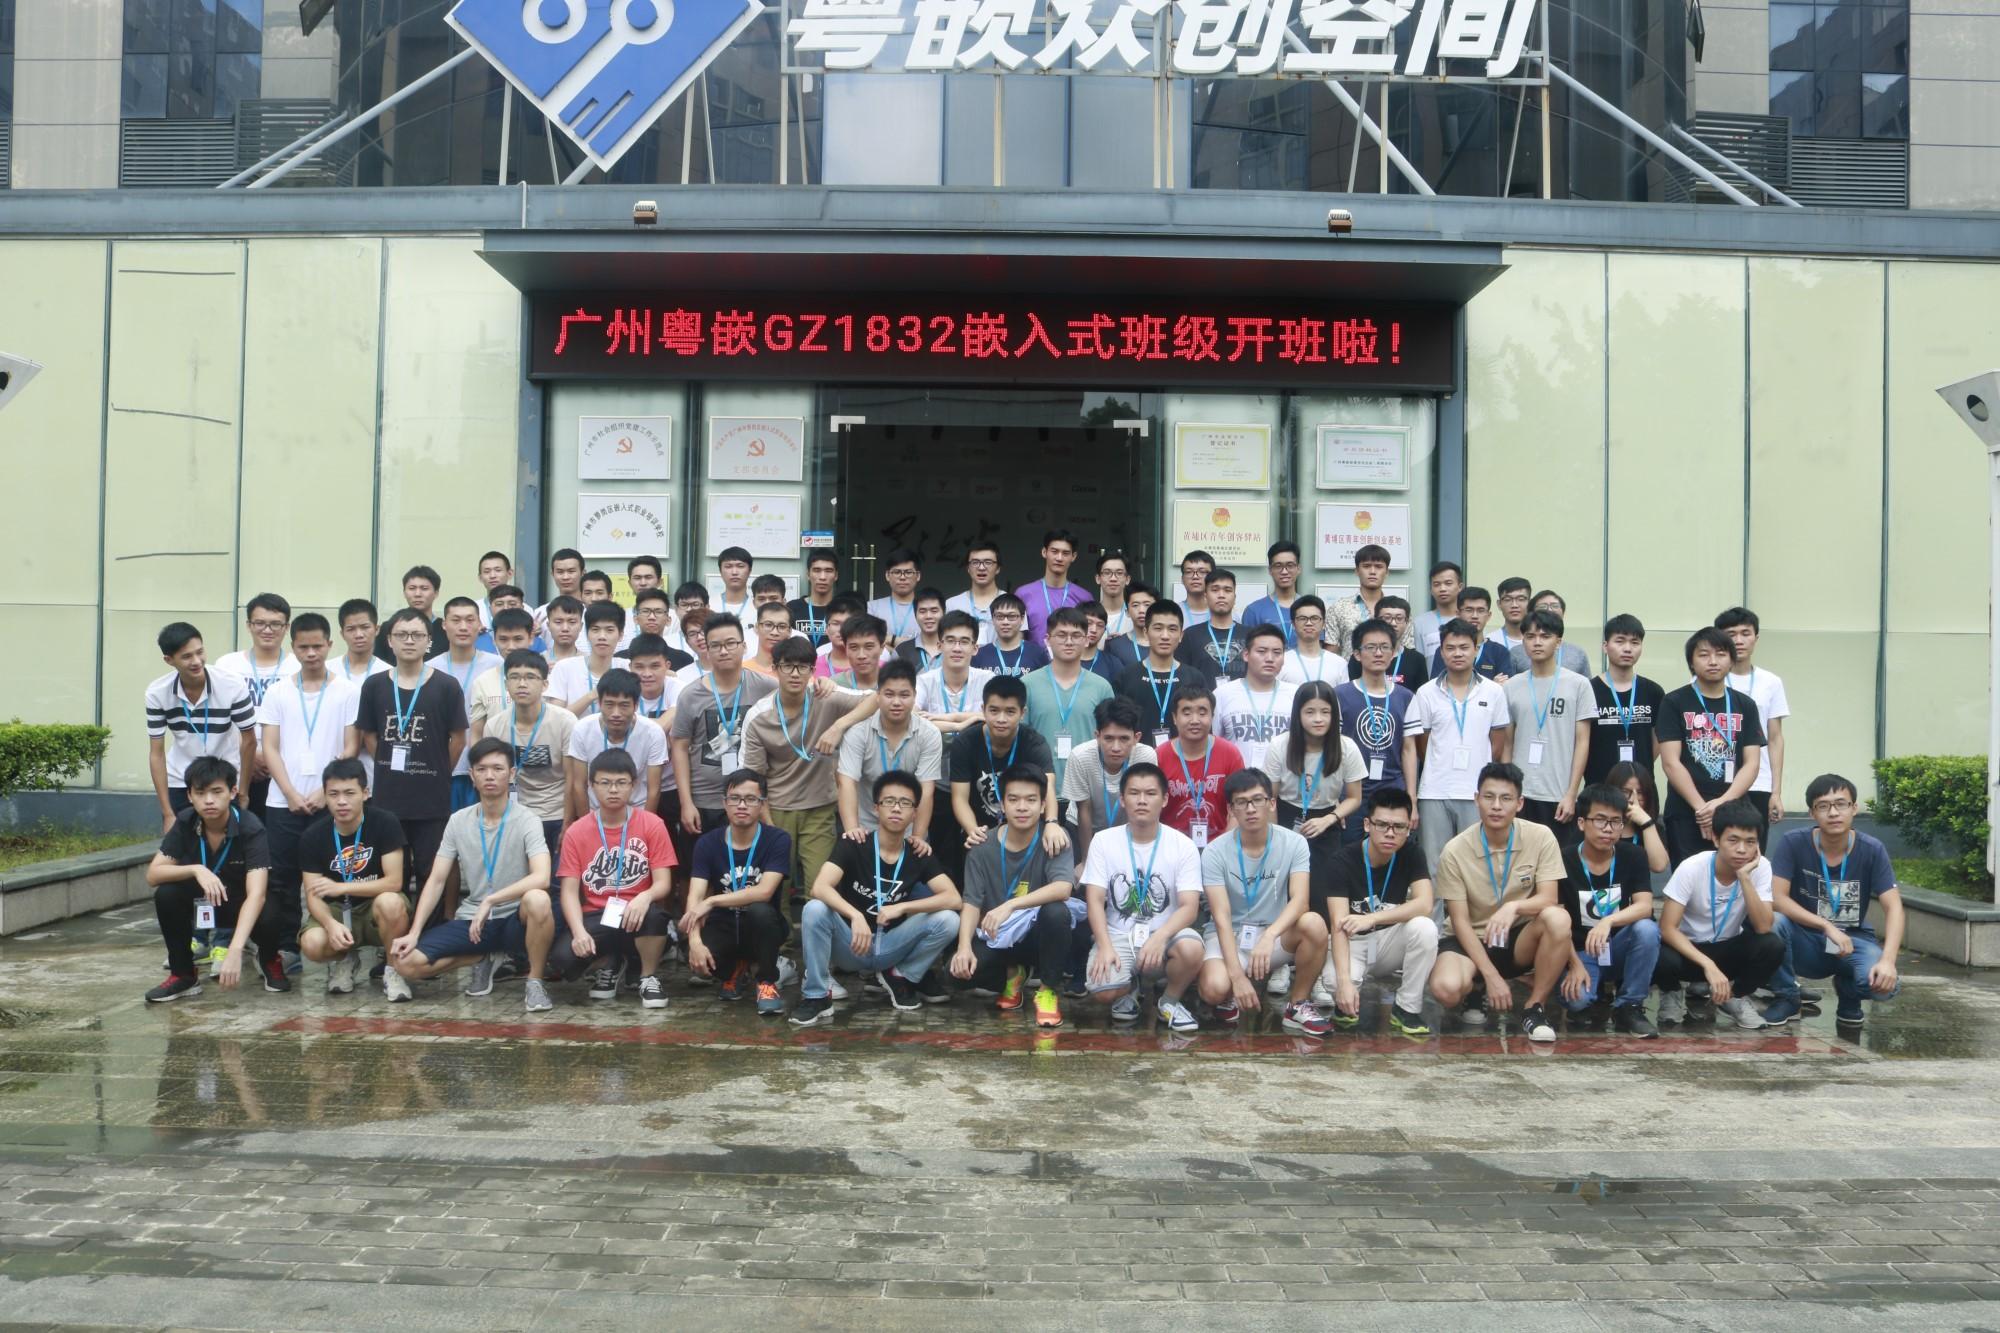 广州粤嵌嵌入式GZ1832开班啦